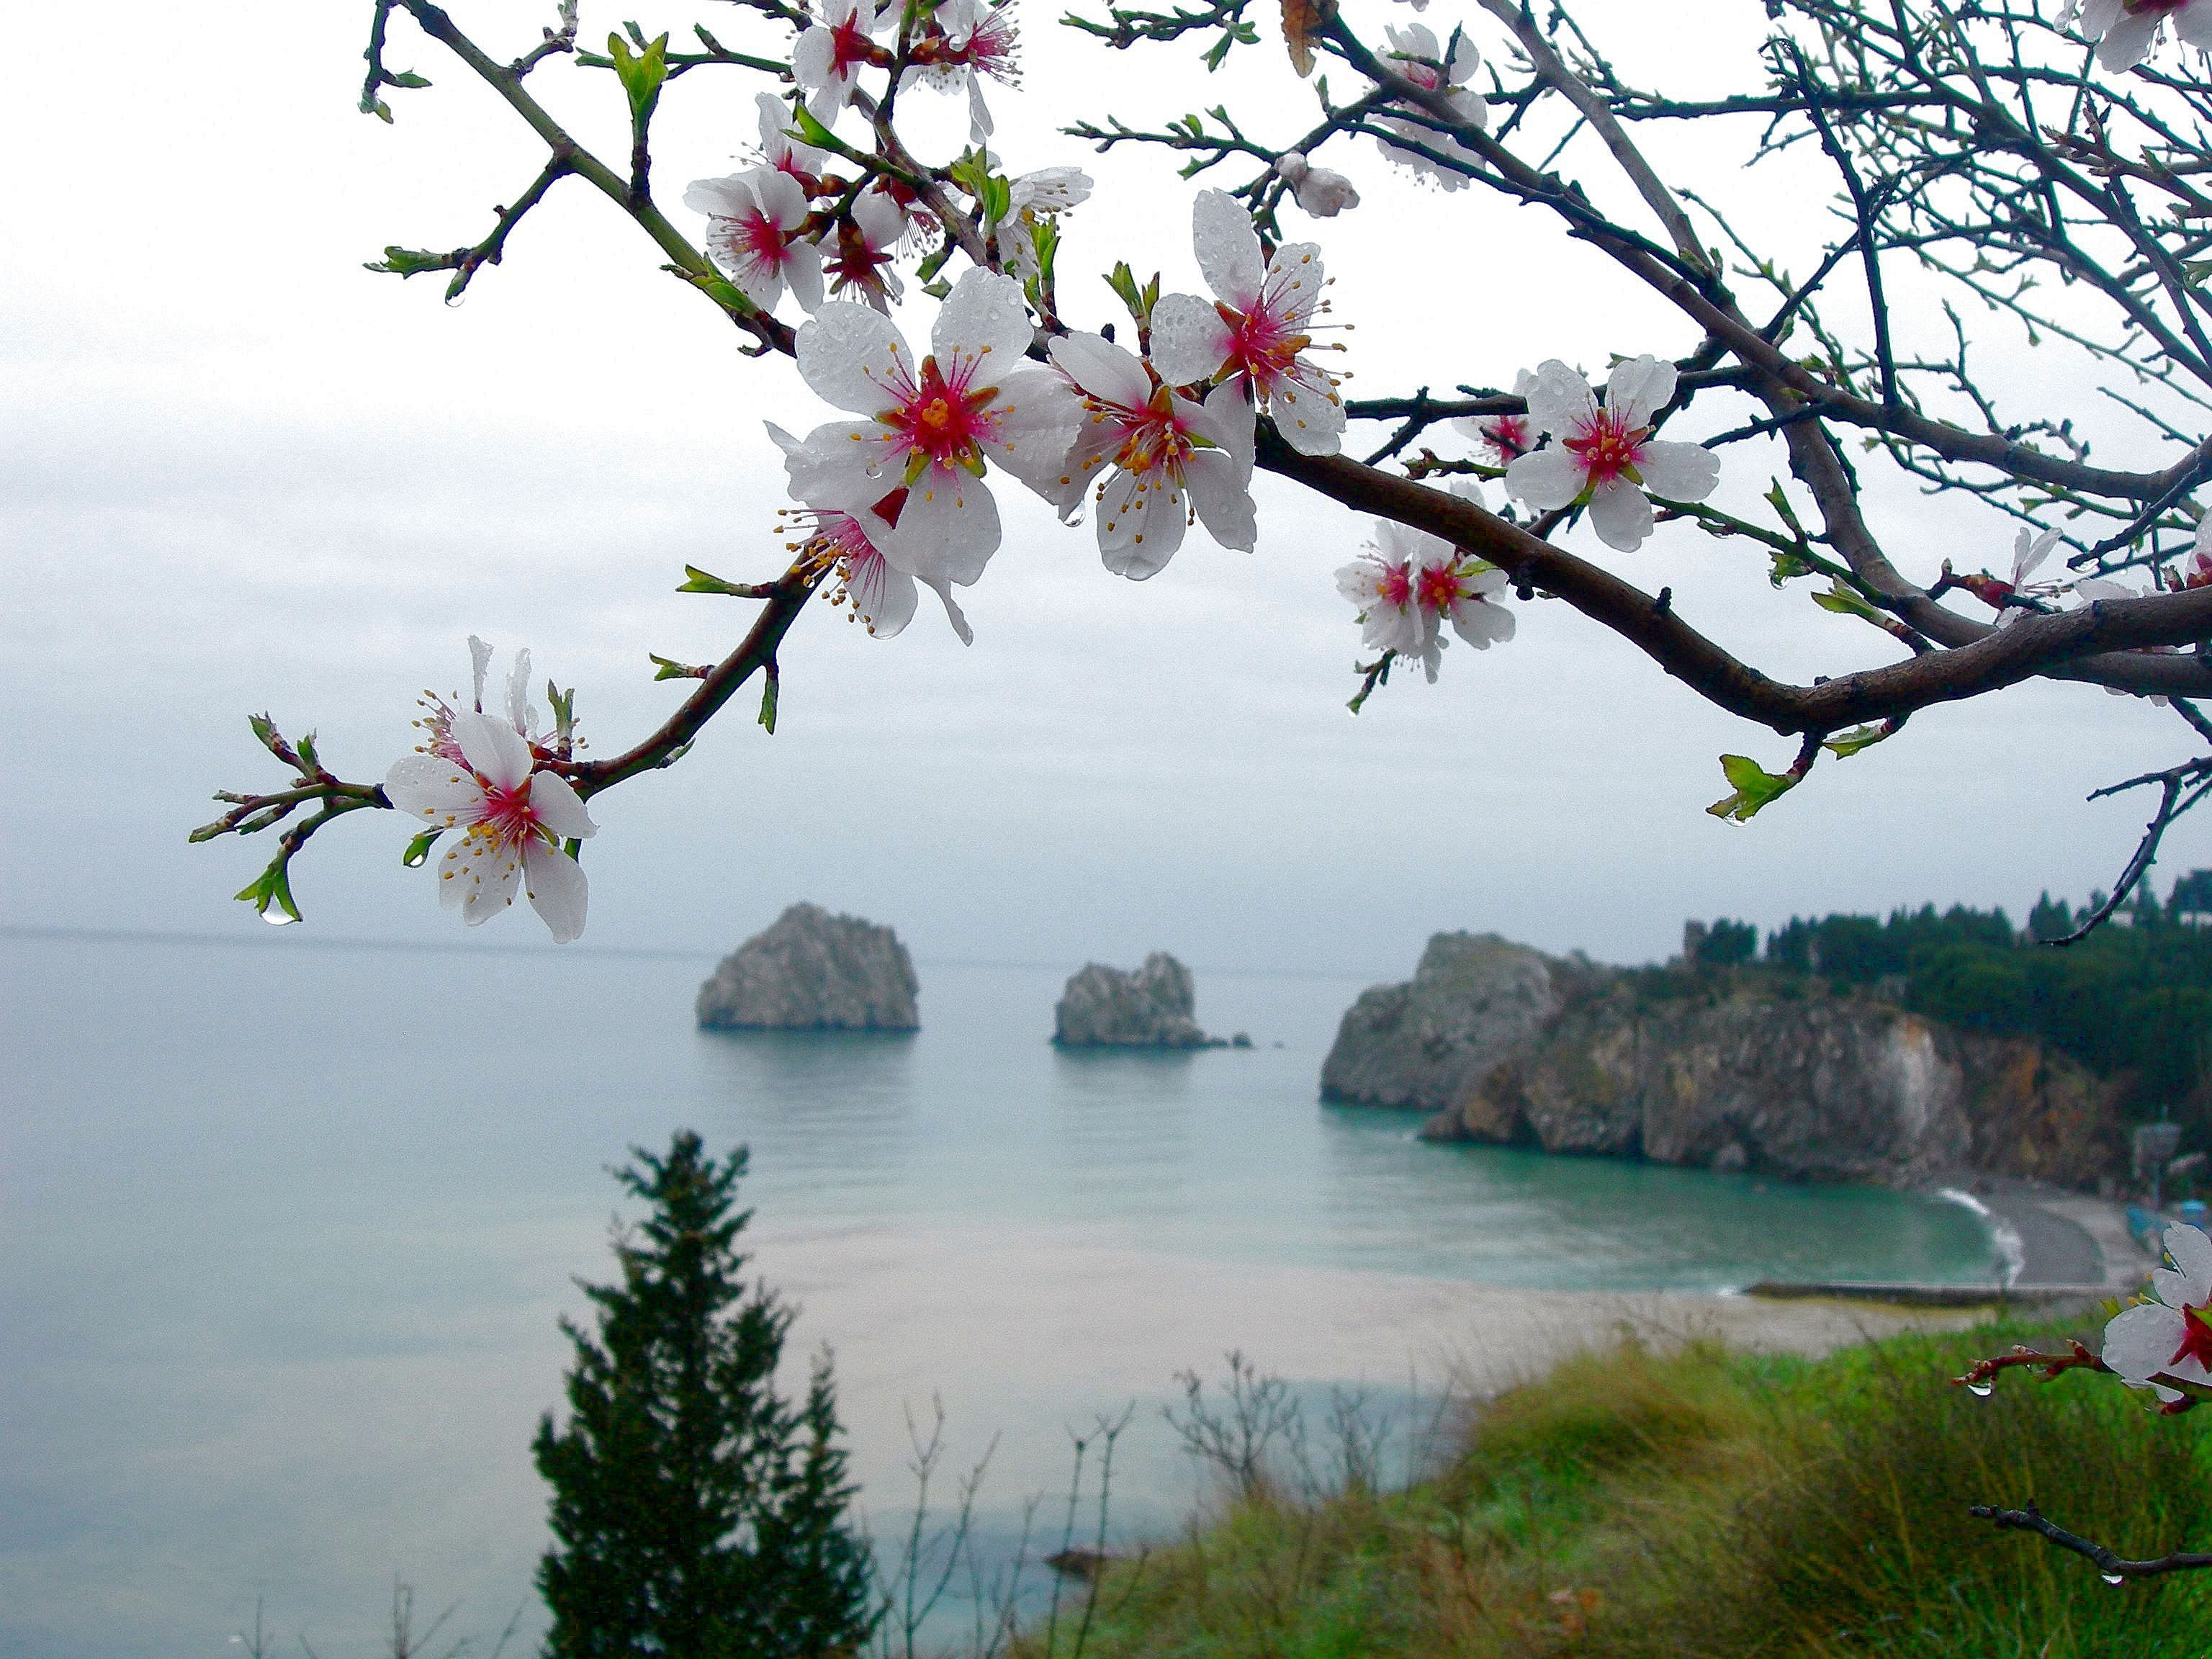 Скачать картинку Вишня, Пейзаж, Море в телефон бесплатно.